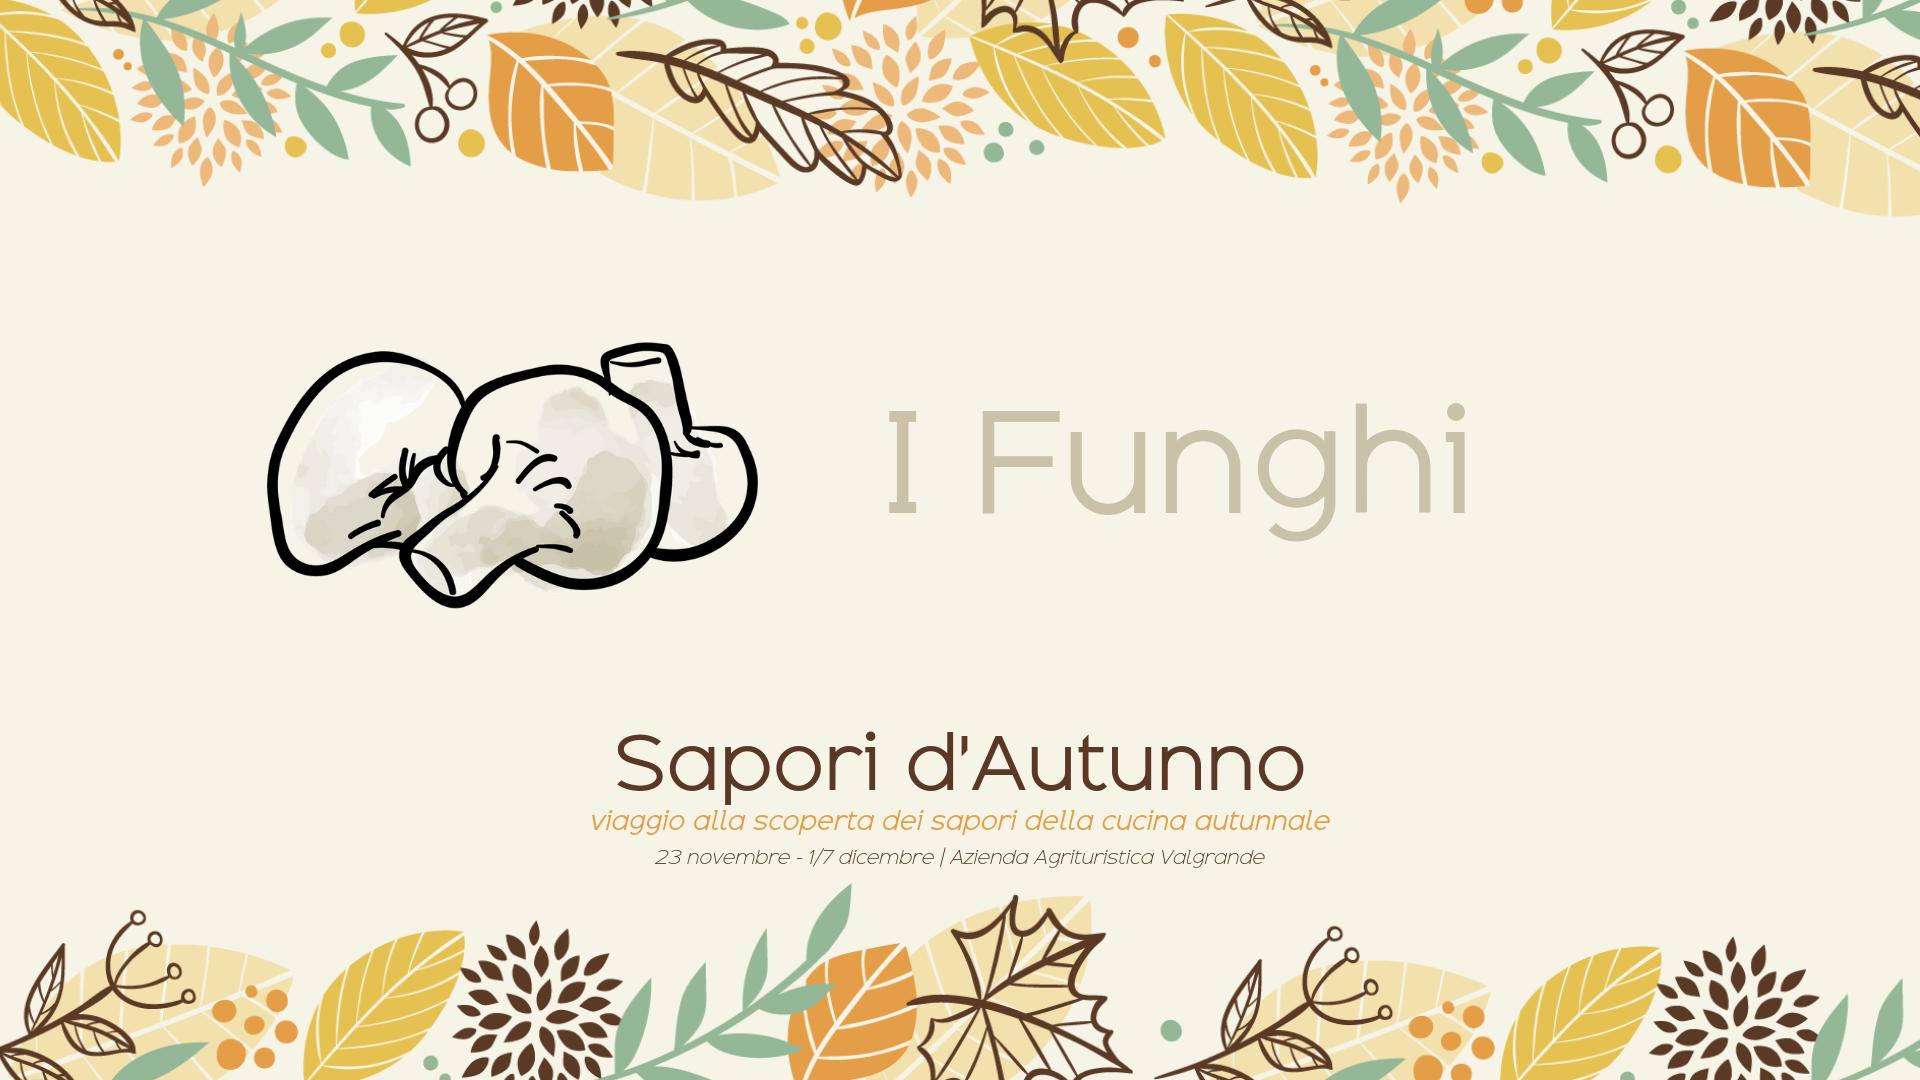 Il menù ai funghi – Sapori d'autunno